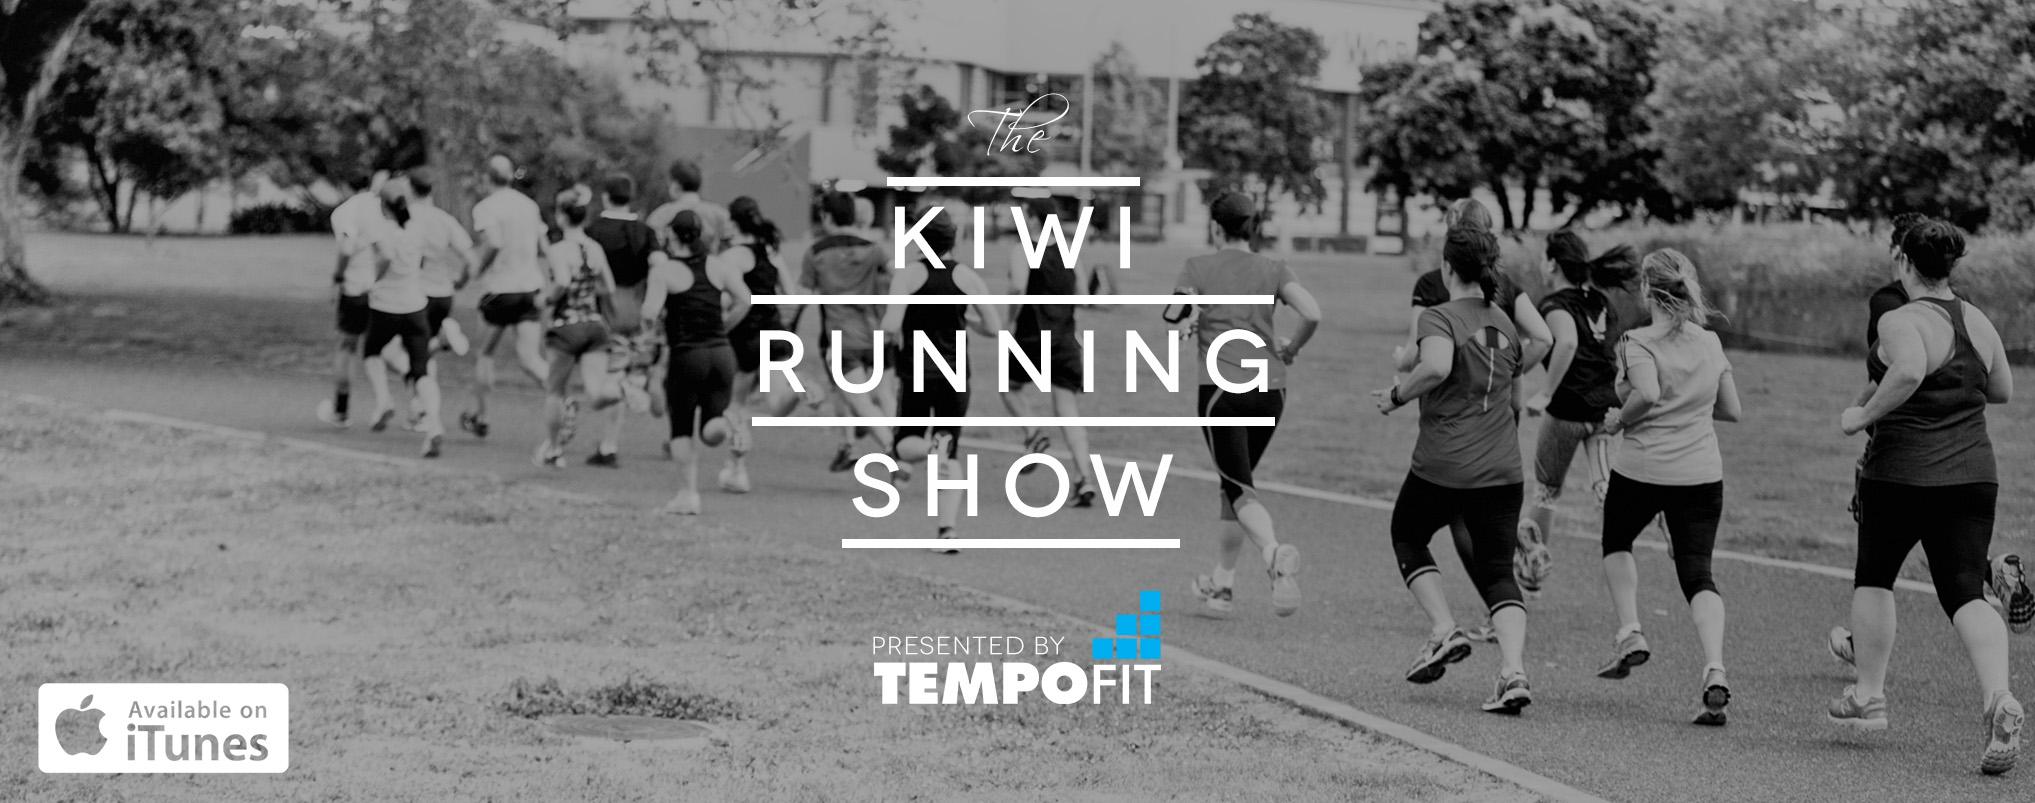 Kiwi Running Show - hero image